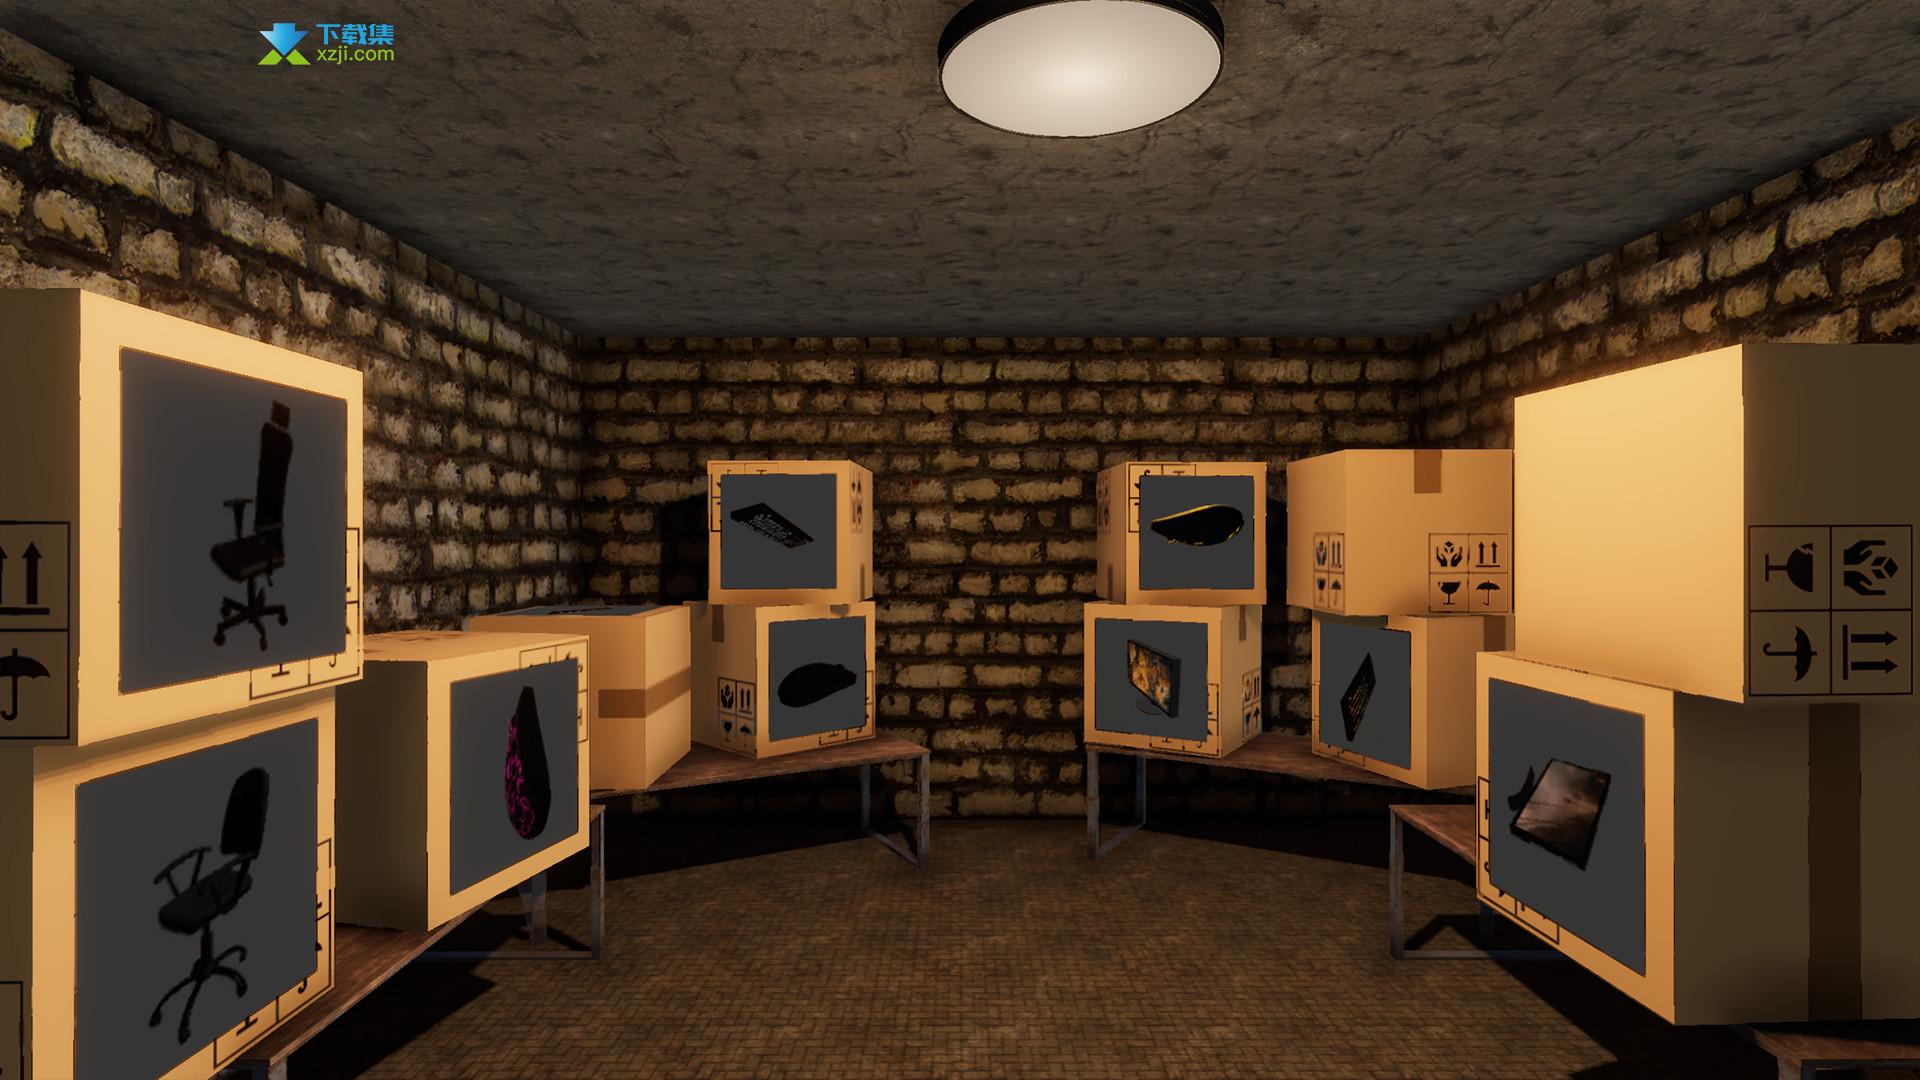 游戏商店模拟器界面3